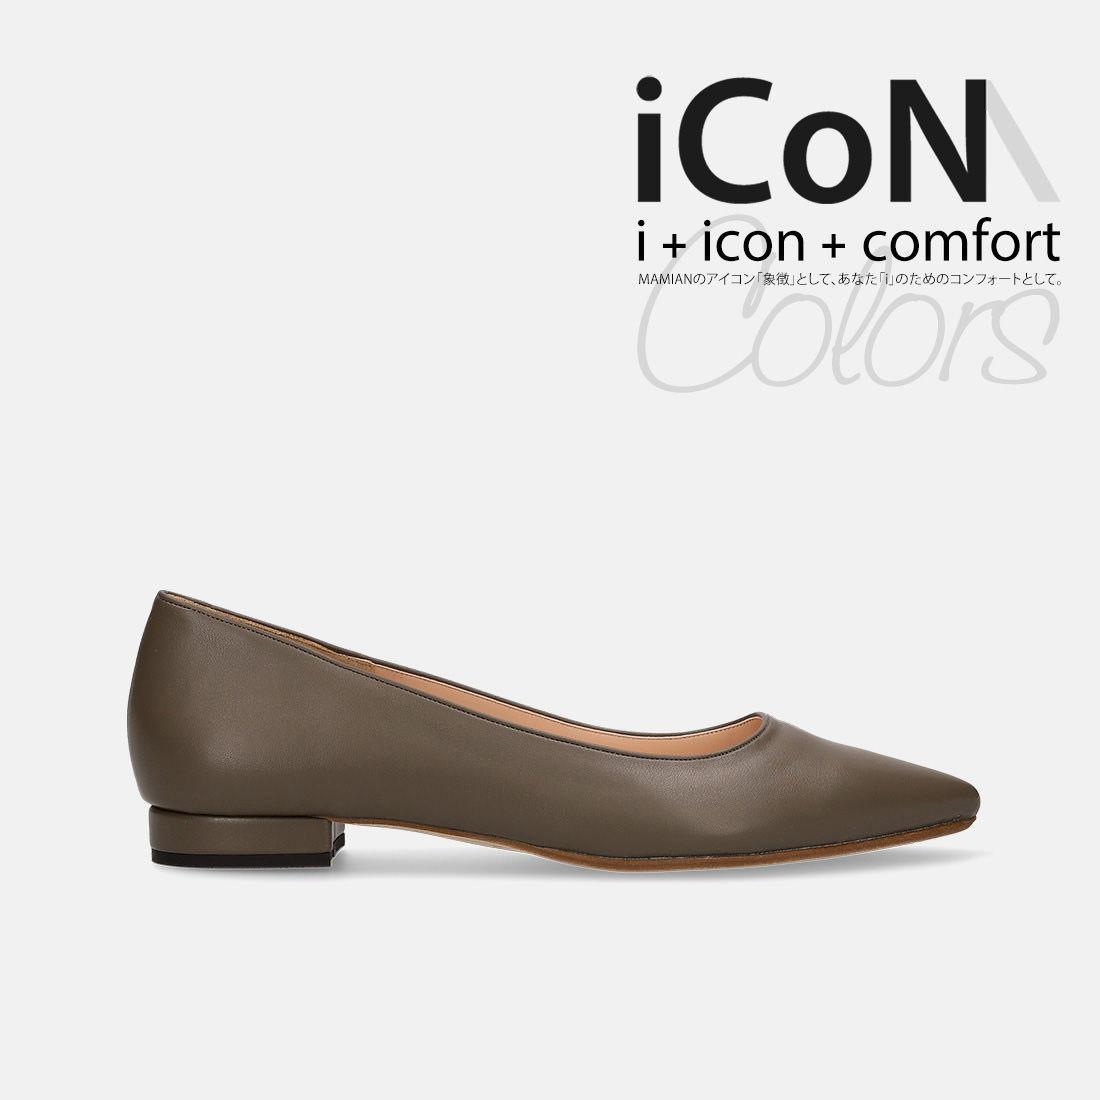 ポインテッドトゥカラーシューズ iCoN Colors 15P:パイソン :履きやすさと美脚に魅せるシルエットを両立したマミアンのカラーシューズ:旬のカラーで魅せる美脚実現シューズ 美脚スムースポインテッドトゥシューズ 足が痛くない なりにくい 人気 おすすめ 1.5cmヒール カジュアル 日本製 オフィス 15P:Dグレージュ 通勤 22.5cm~25.0cm デイリー C20143 本日限定 2021AW